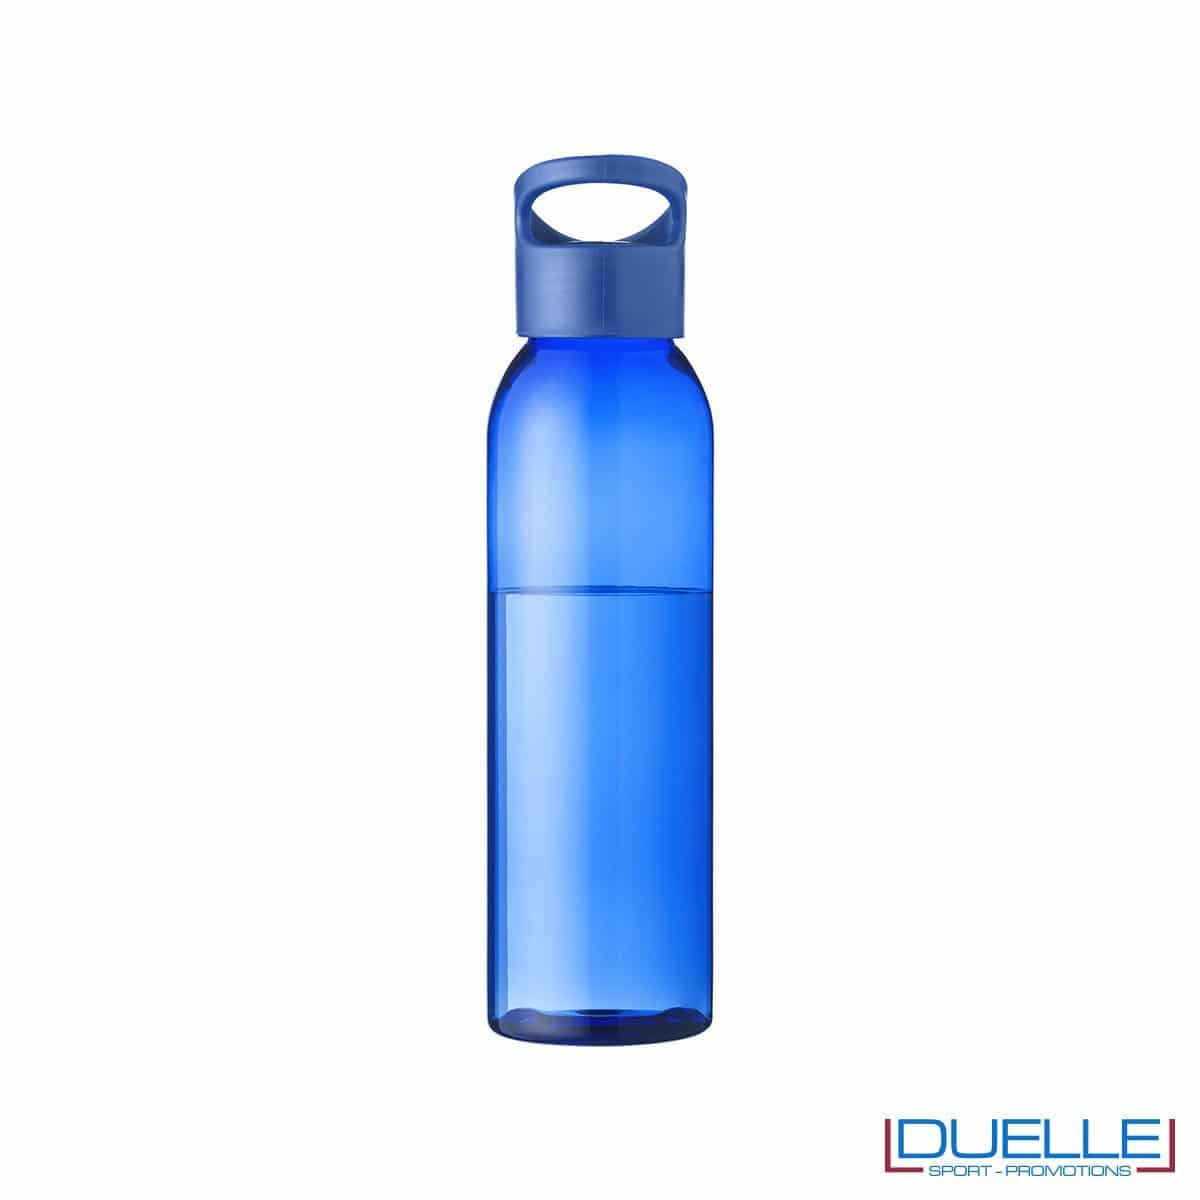 Borraccia in tritan personalizzata con tappo a vite colore blu, capacità 650ml